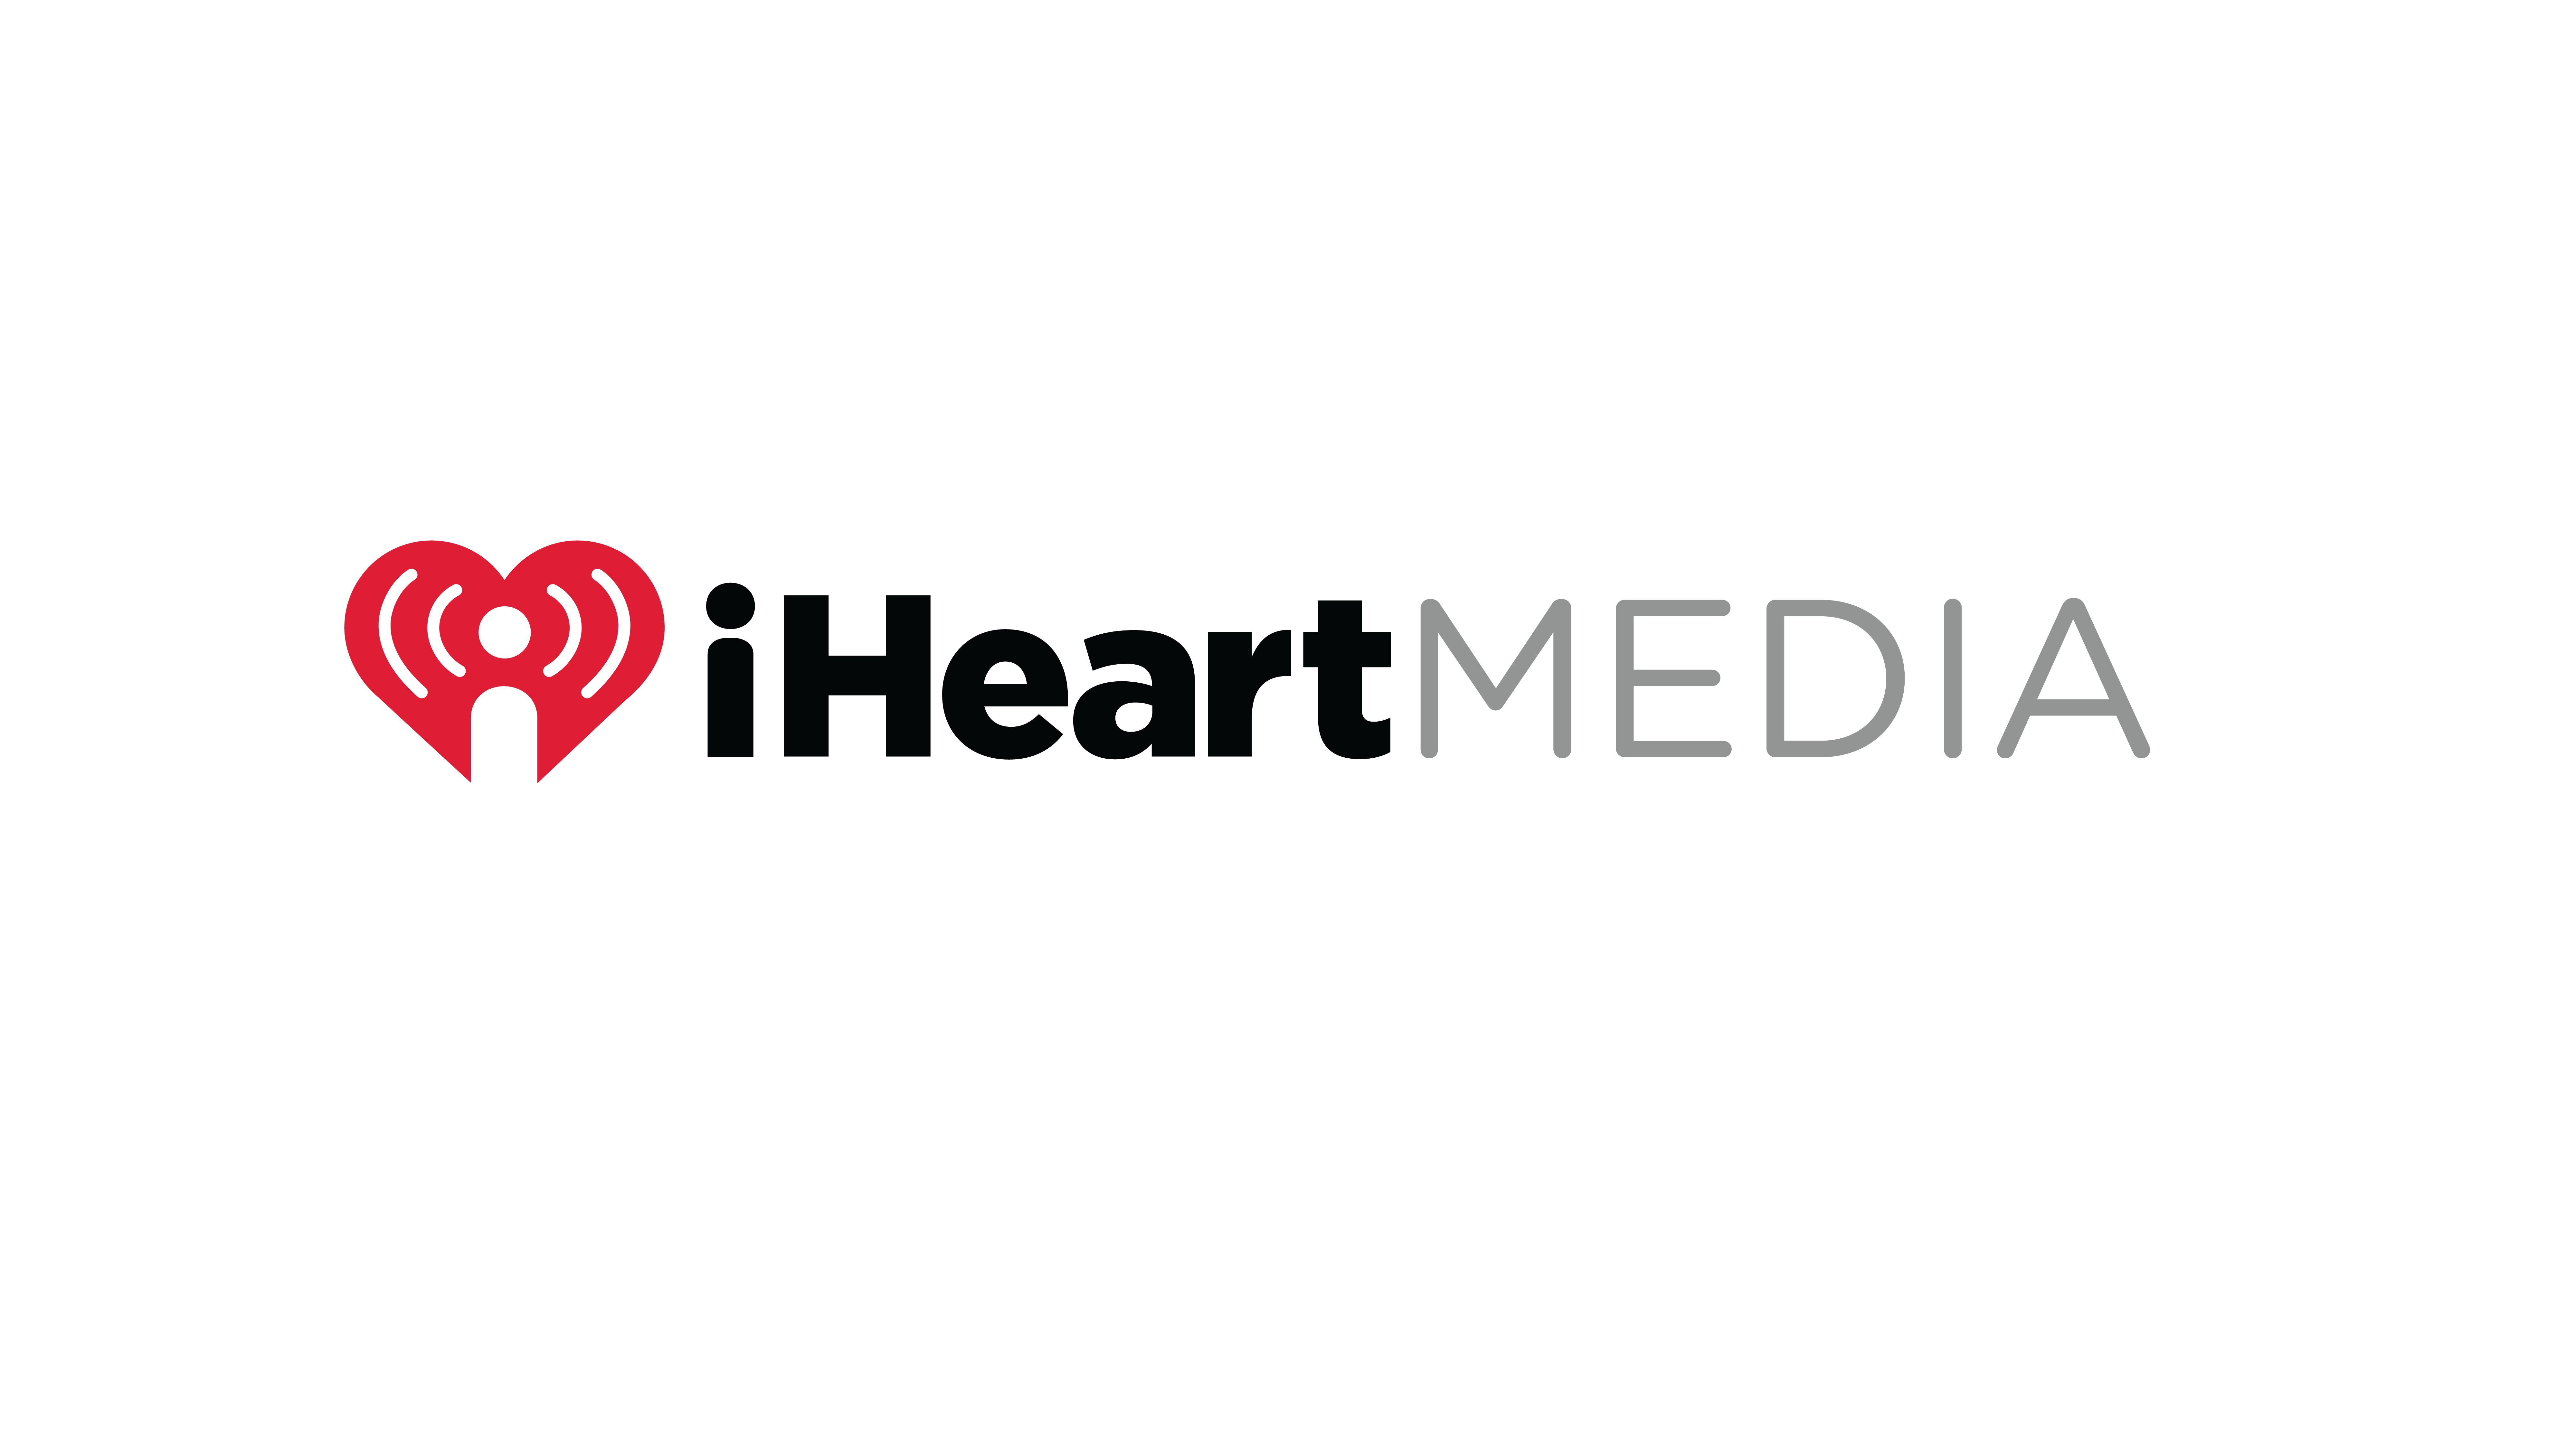 iHeartMedia horizontal logo (Credit: iHeartMedia)